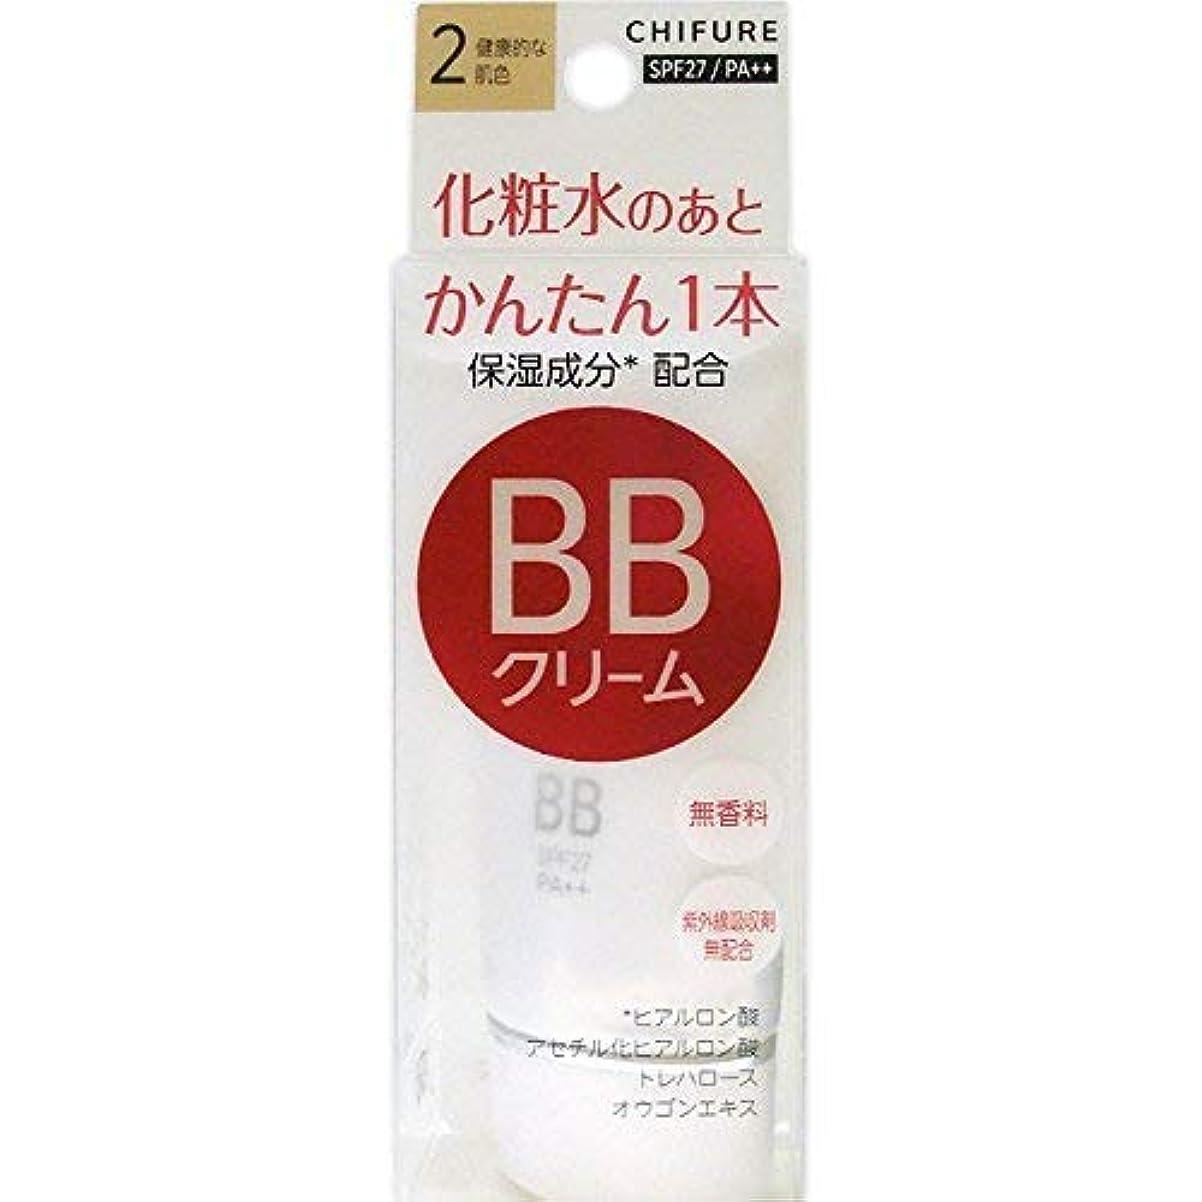 暴露じゃない勝者ちふれ化粧品 BB クリーム 2 健康的な肌色 BBクリーム 2